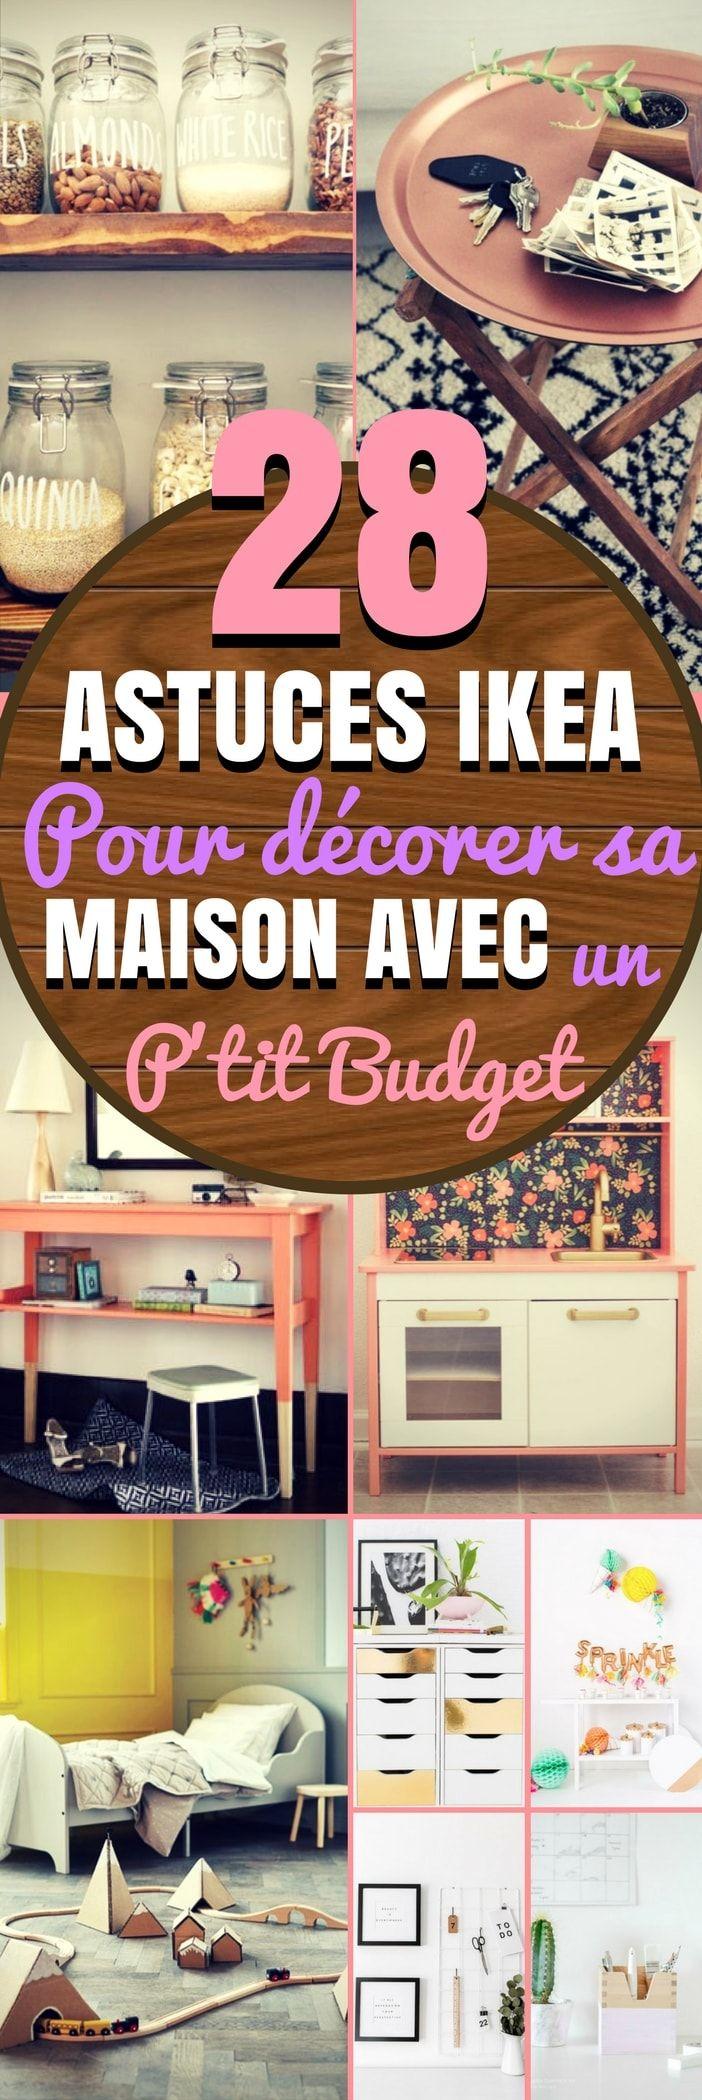 28 détournements incroyables de meubles IKEA pour décorer sa maison (avec un p'tit budget)